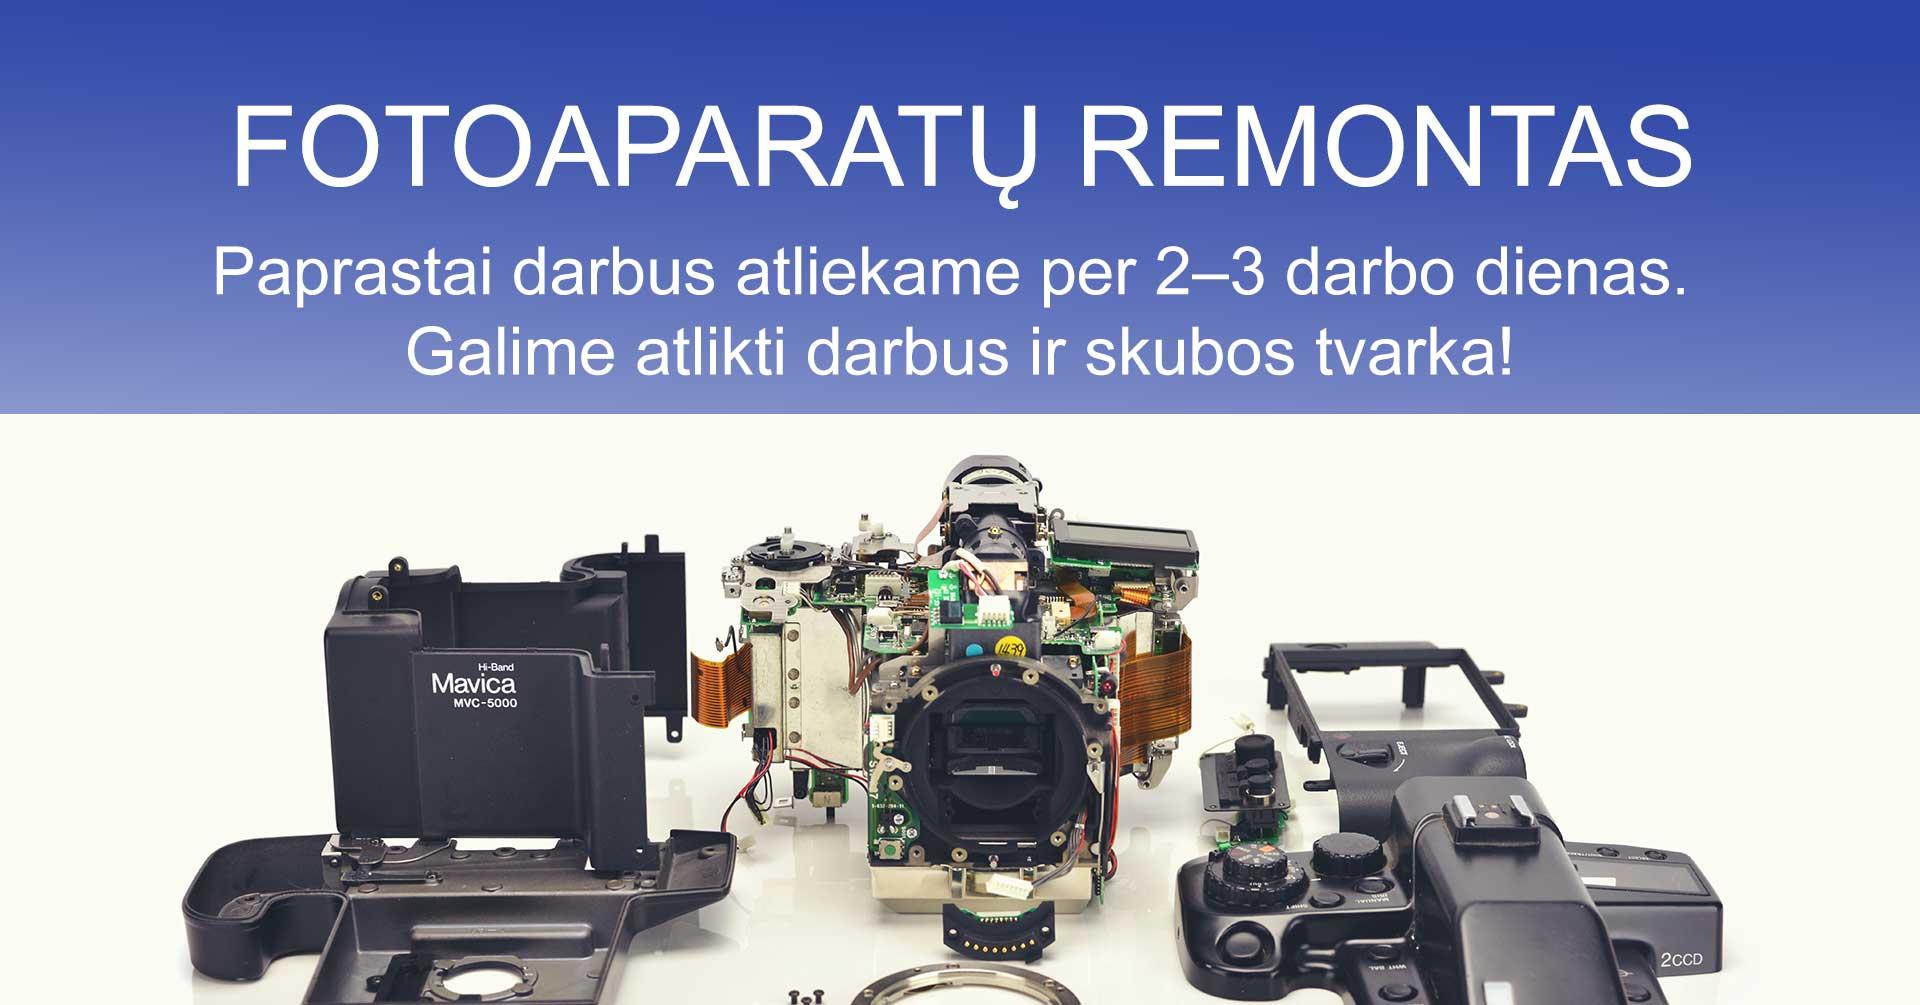 Fotoaparatų remontas (taisykla, taisymas) Vilniuje